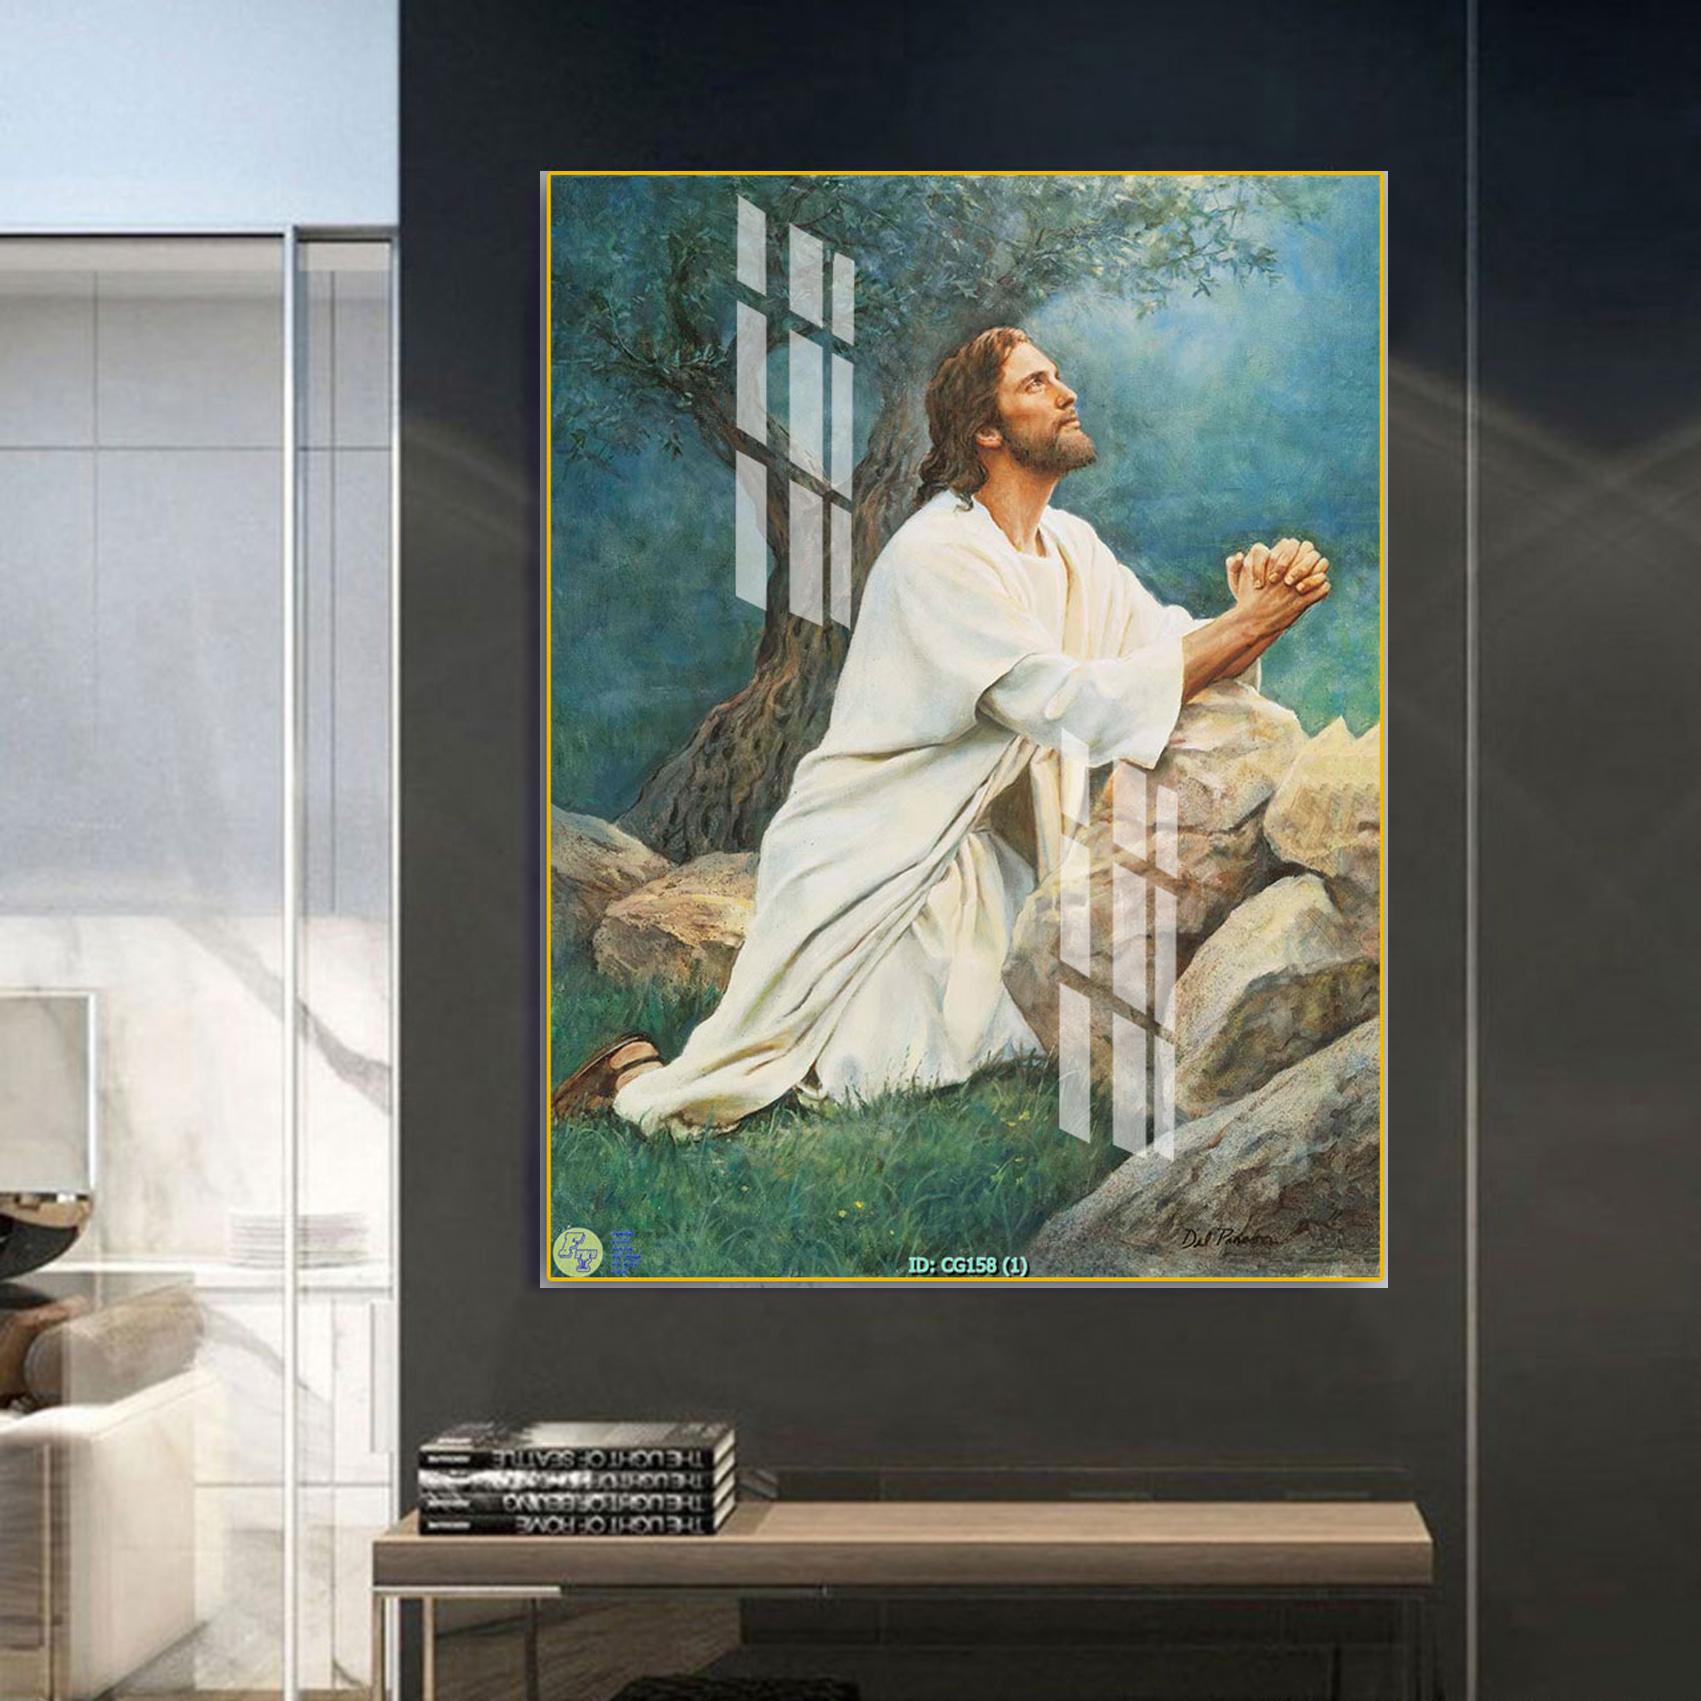 Tranh Canvas Treo Tường Hiện Đại _ Tranh Công Giáo _ CG012